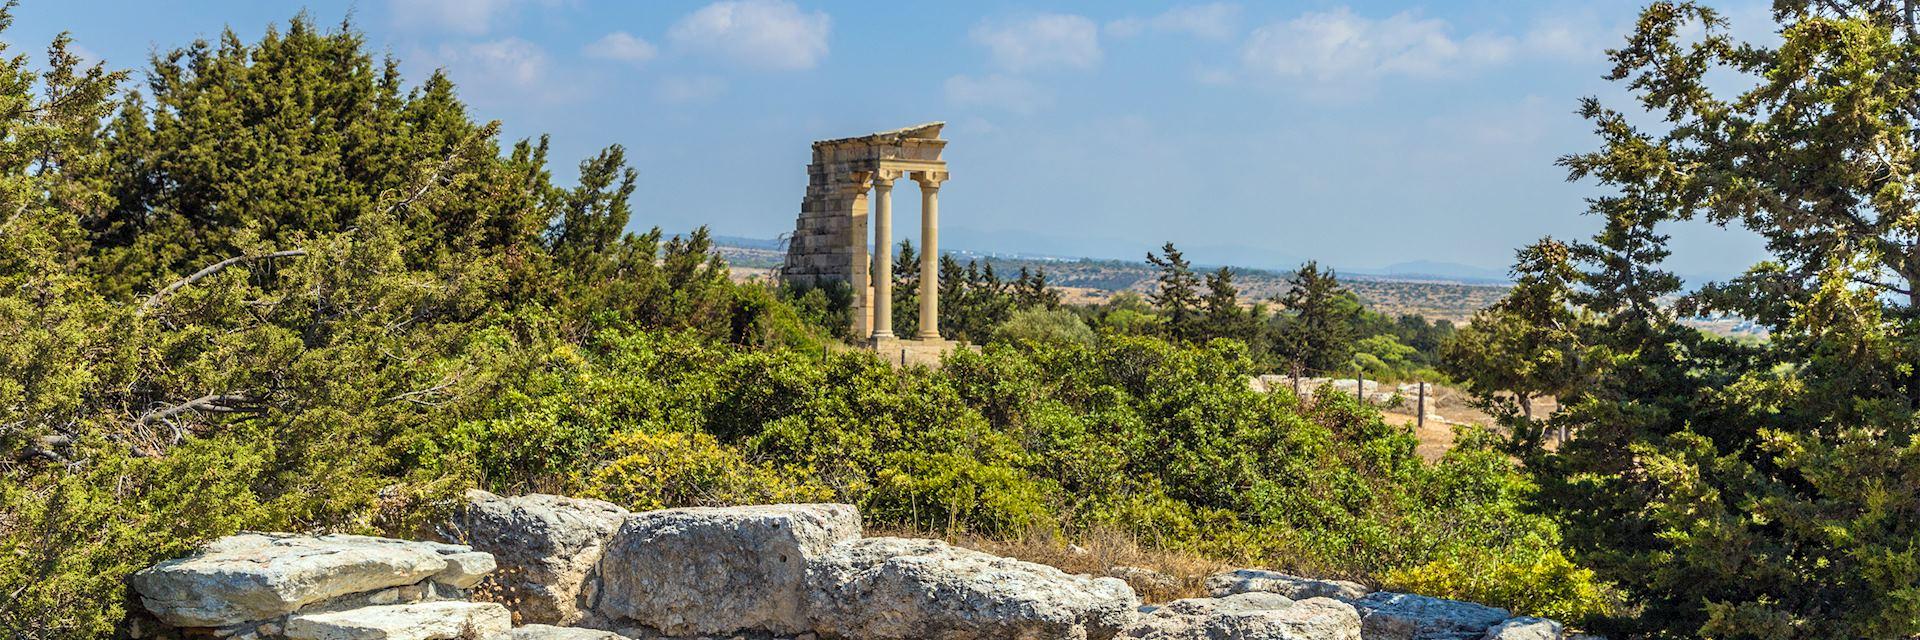 Sanctuary of Apollo Hylates, near Limassol